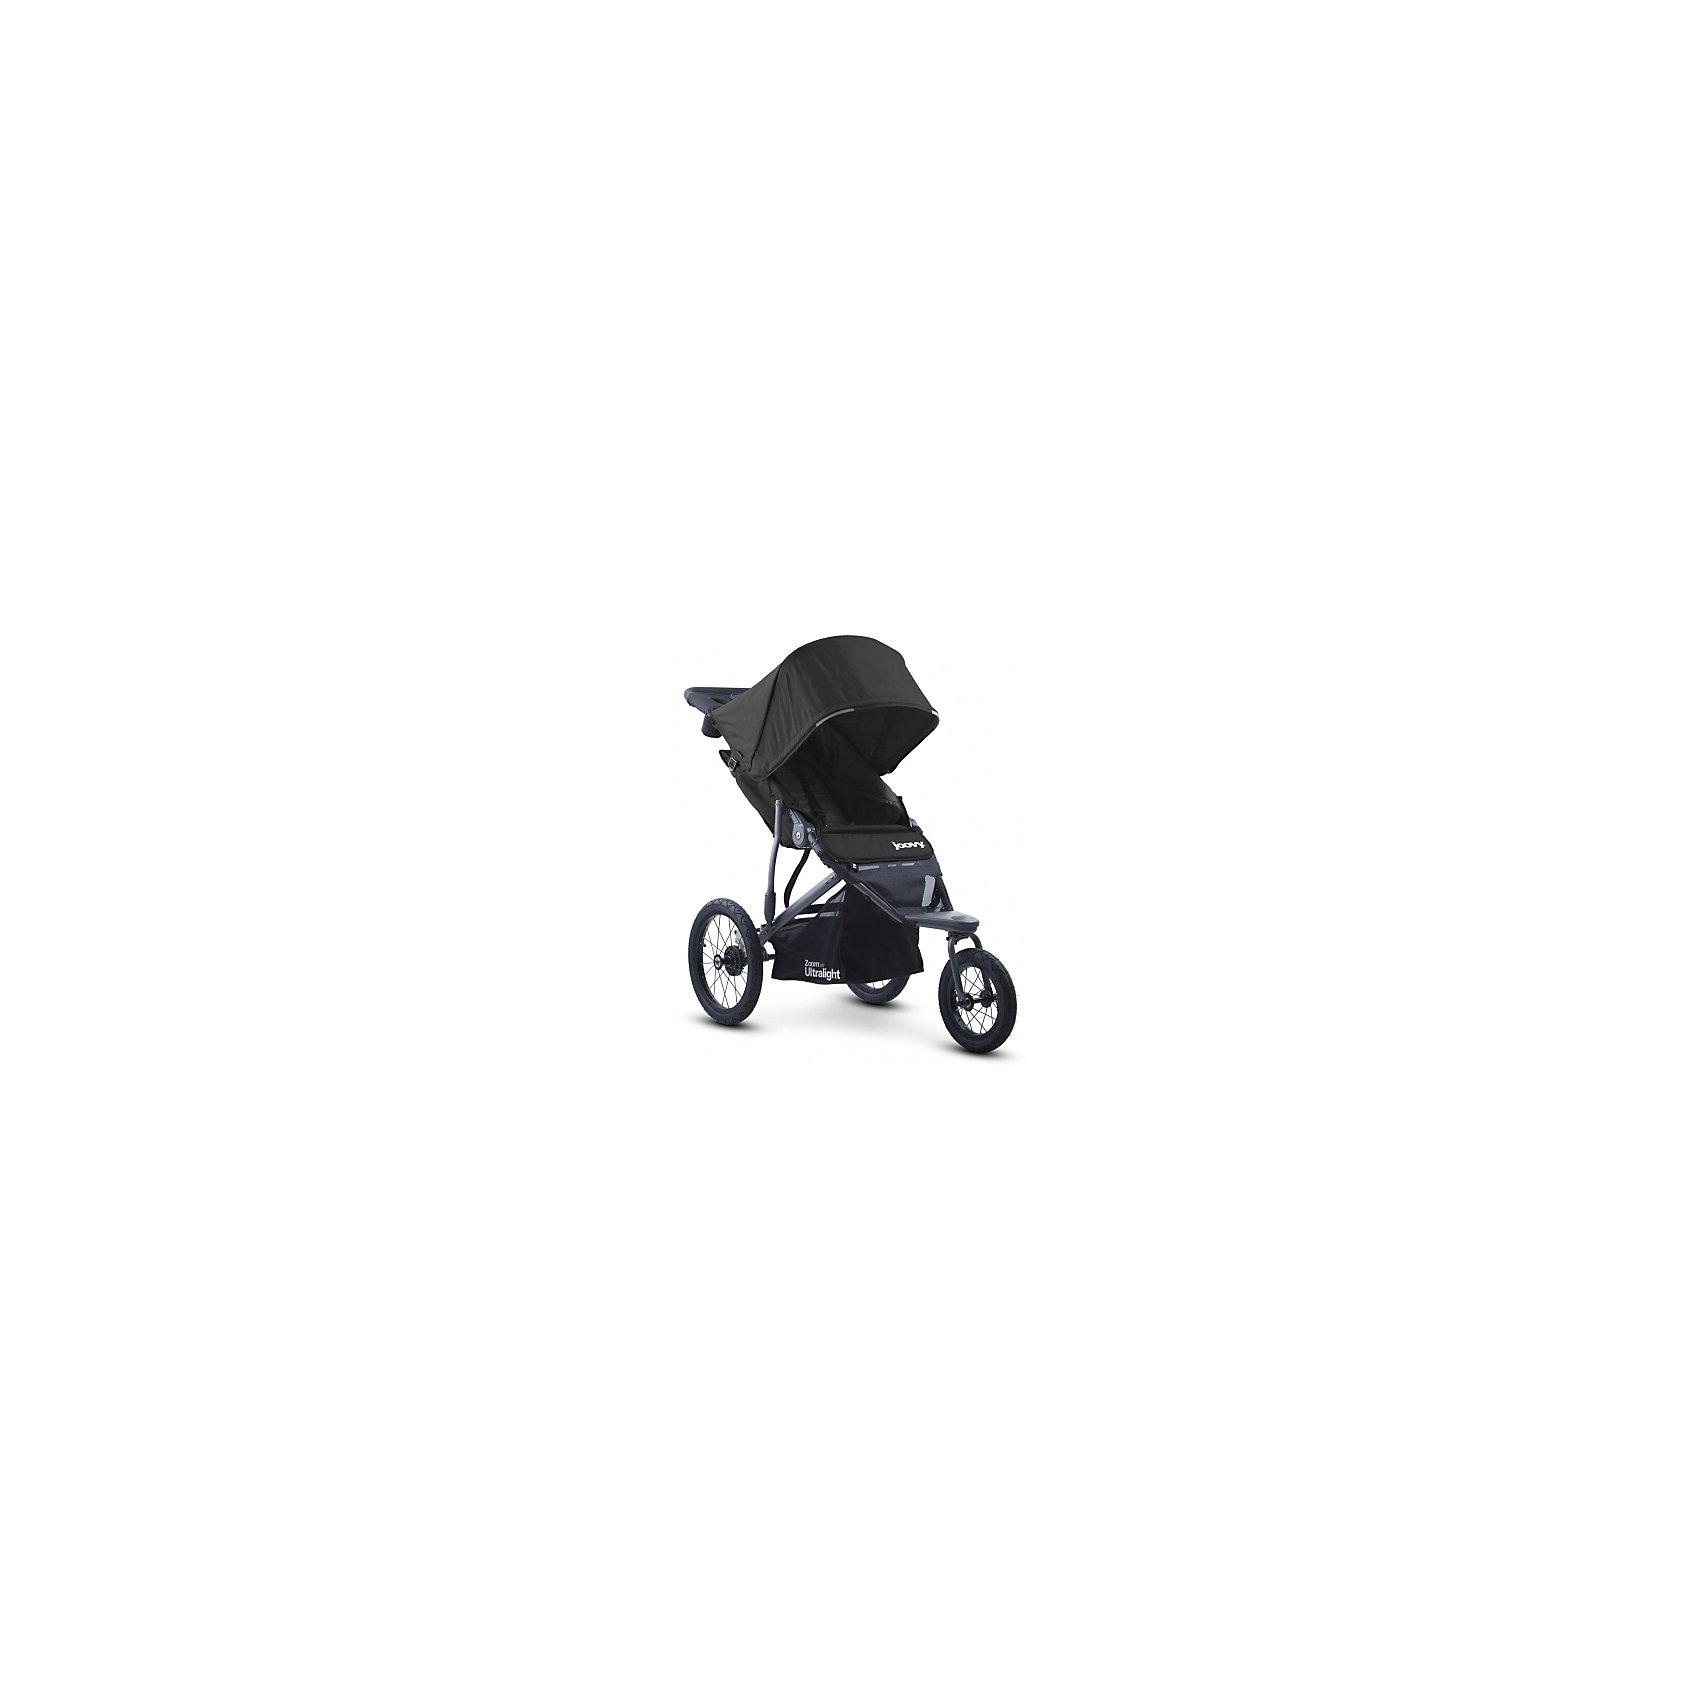 Прогулочная коляска Joovy Zoom 360 Ultralight, черныйПрогулочные коляски<br>Характеристики товара:<br><br>• возраст от 3 месяцев;<br>• плавно регулируемая ременным механизмом спинка до положения в 160 градусов;<br>• большой капюшон для защиты от непогоды и солнечных лучей;<br>• смотровое окошко на капюшоне;<br>• практичный столик-органайзер с подстаканником и отделением на молнии для ключей или телефона;<br>• сетчатый кармашек с внутренней стороны сидения;<br>• 5-ти точечные ремни безопасности;<br>• светоотражающие элементы для видимости в темное время суток;<br>• материал: полиэстер с водоотталкивающей пропиткой и защитой от УФ-лучей.<br><br>Прогулочная коляска Joovy Zoom 360 Ultralight черная — отличный вариант для родителей, ведущих активный образ жизни. С ней можно отправиться не только на прогулку в парк, но и на природу, в путешествие, в поход и даже заниматься бегом. Коляска отличается проходимостью и хорошей маневренностью. Просторное сидение обеспечит малышу комфортную прогулку. Капюшон надежно защитит от дождя и палящего солнца. Для родителей предусмотрен удобный аксессуар на ручке — столик с 2 подстаканниками и небольшим отсеком на молнии для мелочей. Ручка родителей обтянута противоскользящим материалом. Хорошая проходимость достигается благодаря большим задним надувным колесам.<br><br>Шасси коляски:<br><br>• прочная рама из авиационного алюминия;<br>• тип складывания: книжка;<br>• диаметр переднего колеса 30 см, задних колес 40 см;<br>• тип колес: надувные;<br>• переднее поворотное колесо с возможностью блокировки;<br>• ширина колесной базы 63,5 см;<br>• стояночный тормоз;<br>• пружинные амортизаторы;<br>• вместительная корзина для покупок.<br><br>Размер коляски в разложенном виде 137х117х63,5 см<br>Размер коляски в сложенном виде 86х63,5х48 см<br>Вес коляски 11,5 кг<br>Размер упаковки 86х63,5х48 см<br>Вес упаковки 11,5 кг<br><br>Комплектация:<br><br>• прогулочный блок;<br>• органайзер;<br>• насос;<br>• инструкция.<br><br>Прогулочную коляску Joovy Zoom 